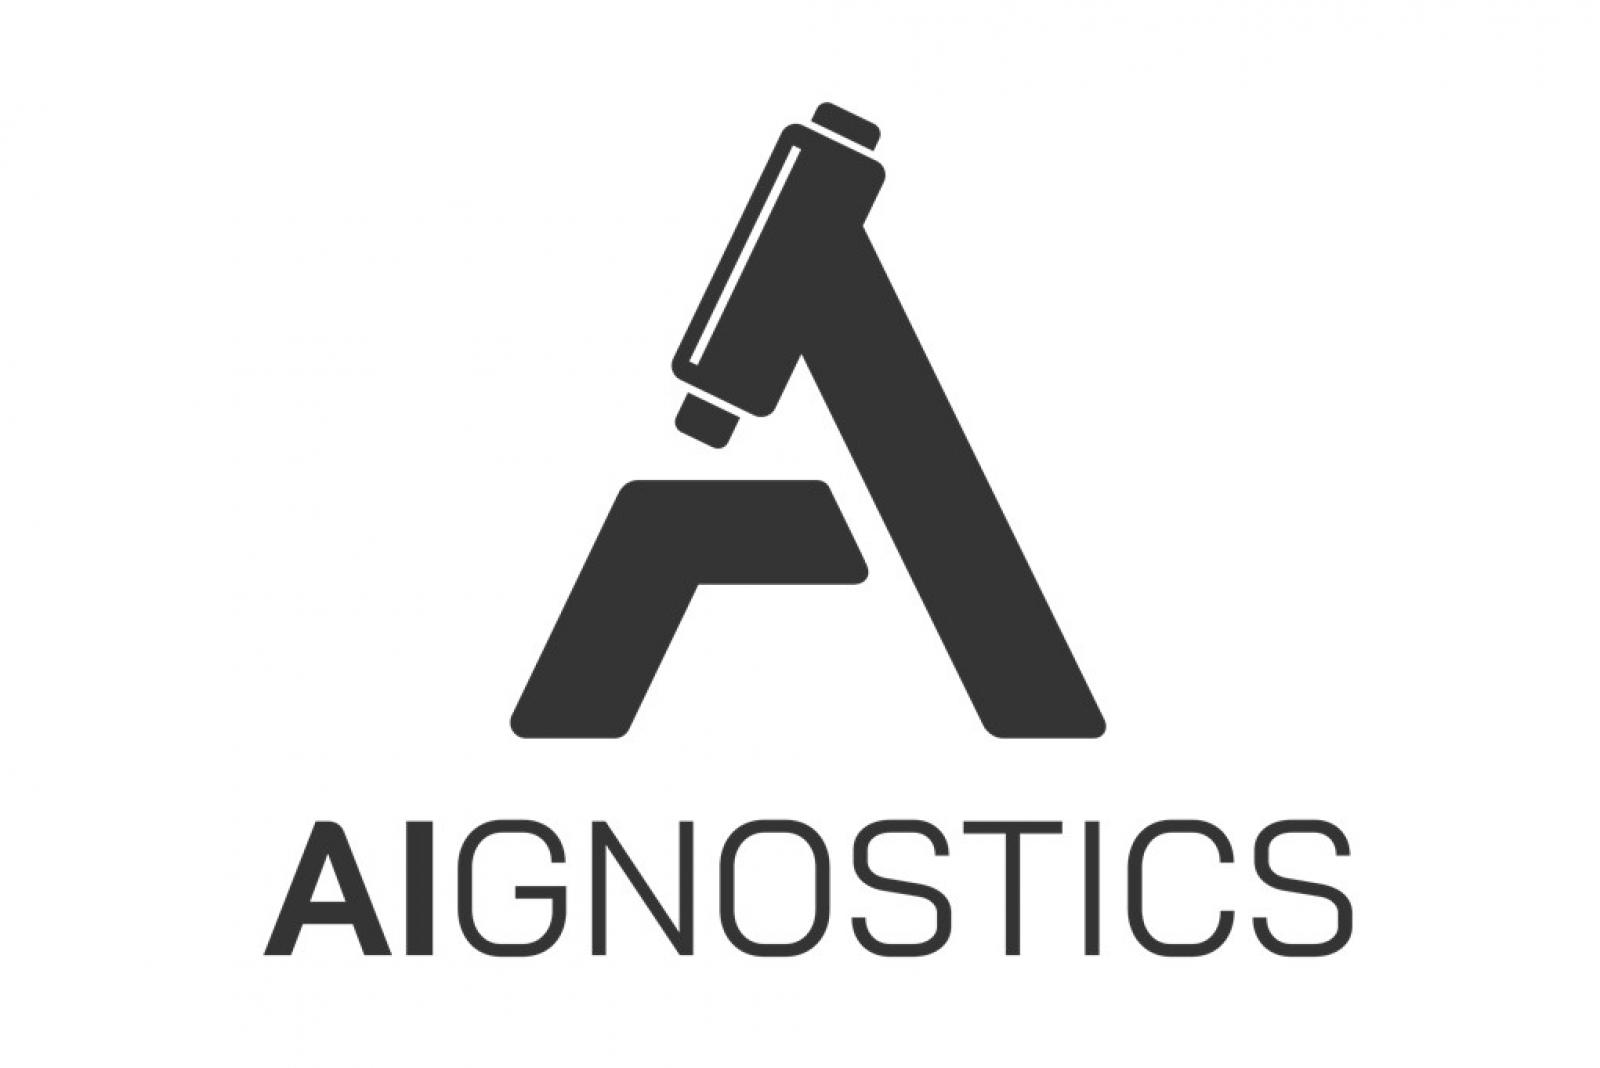 AIgnostics sponsor